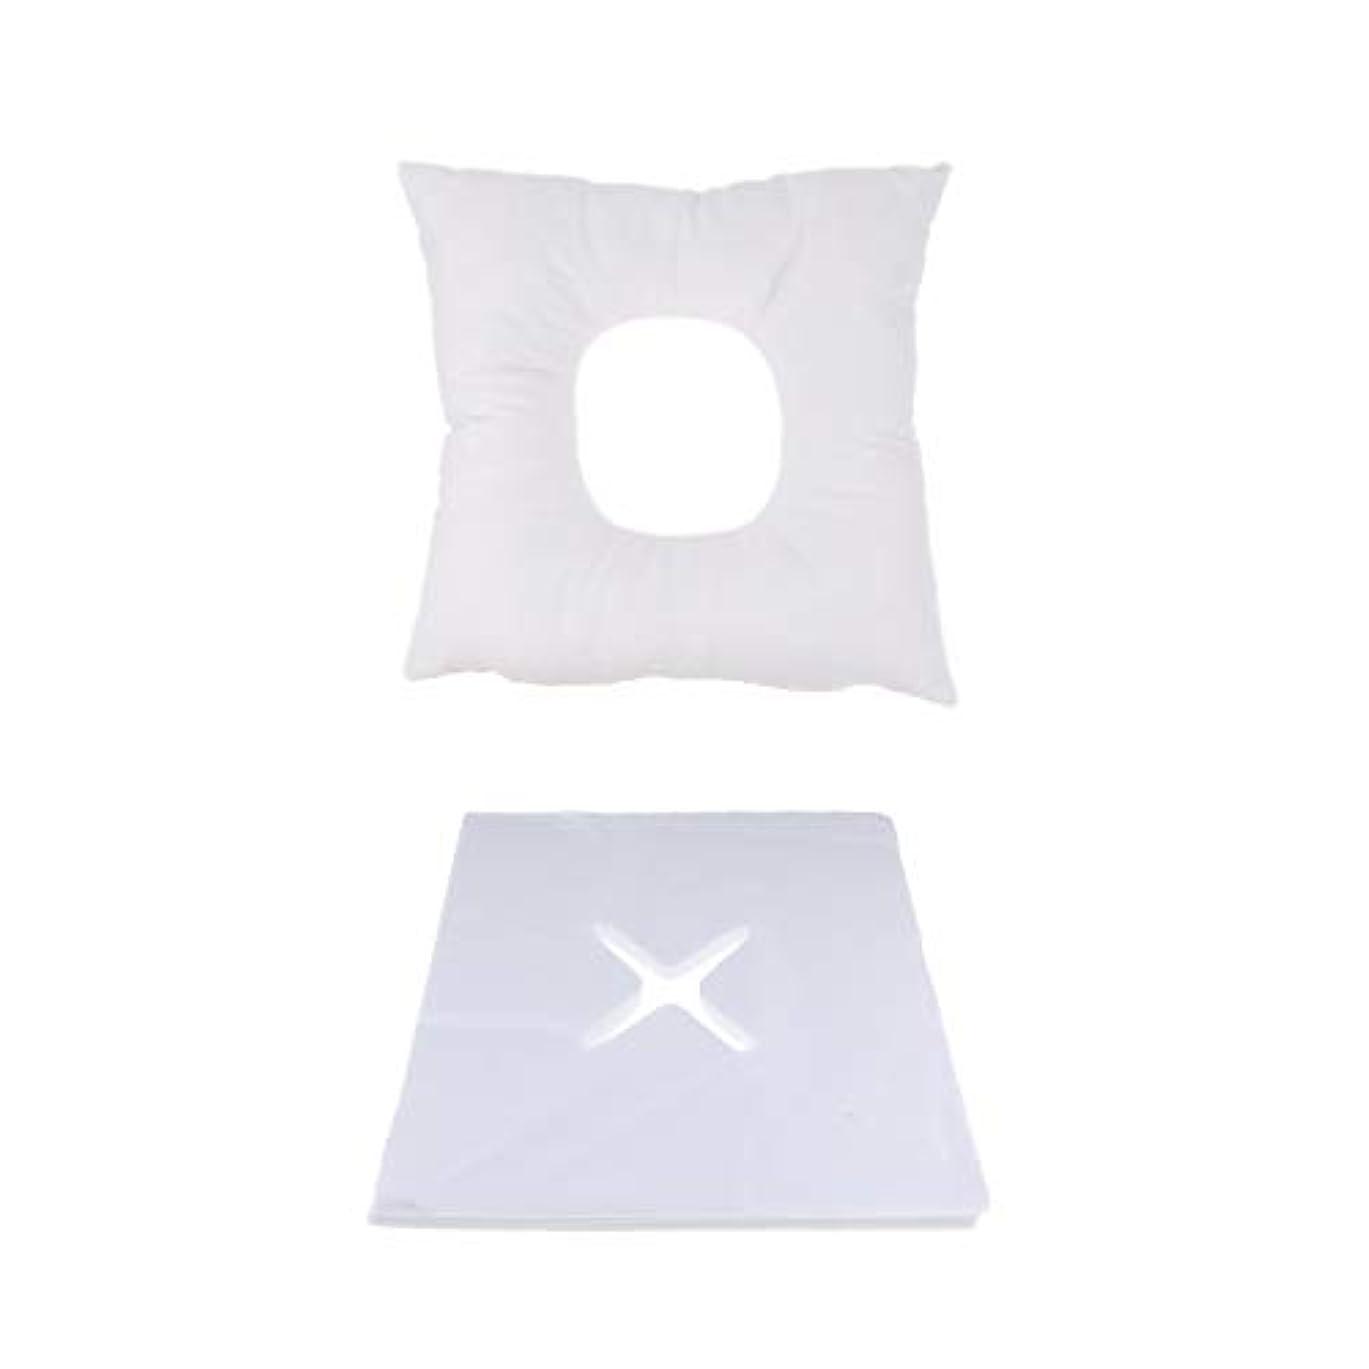 固有の学期買い手マッサージ用クッション フェイスマット マッサージ枕 顔枕 200個使い捨てカバー付 快適